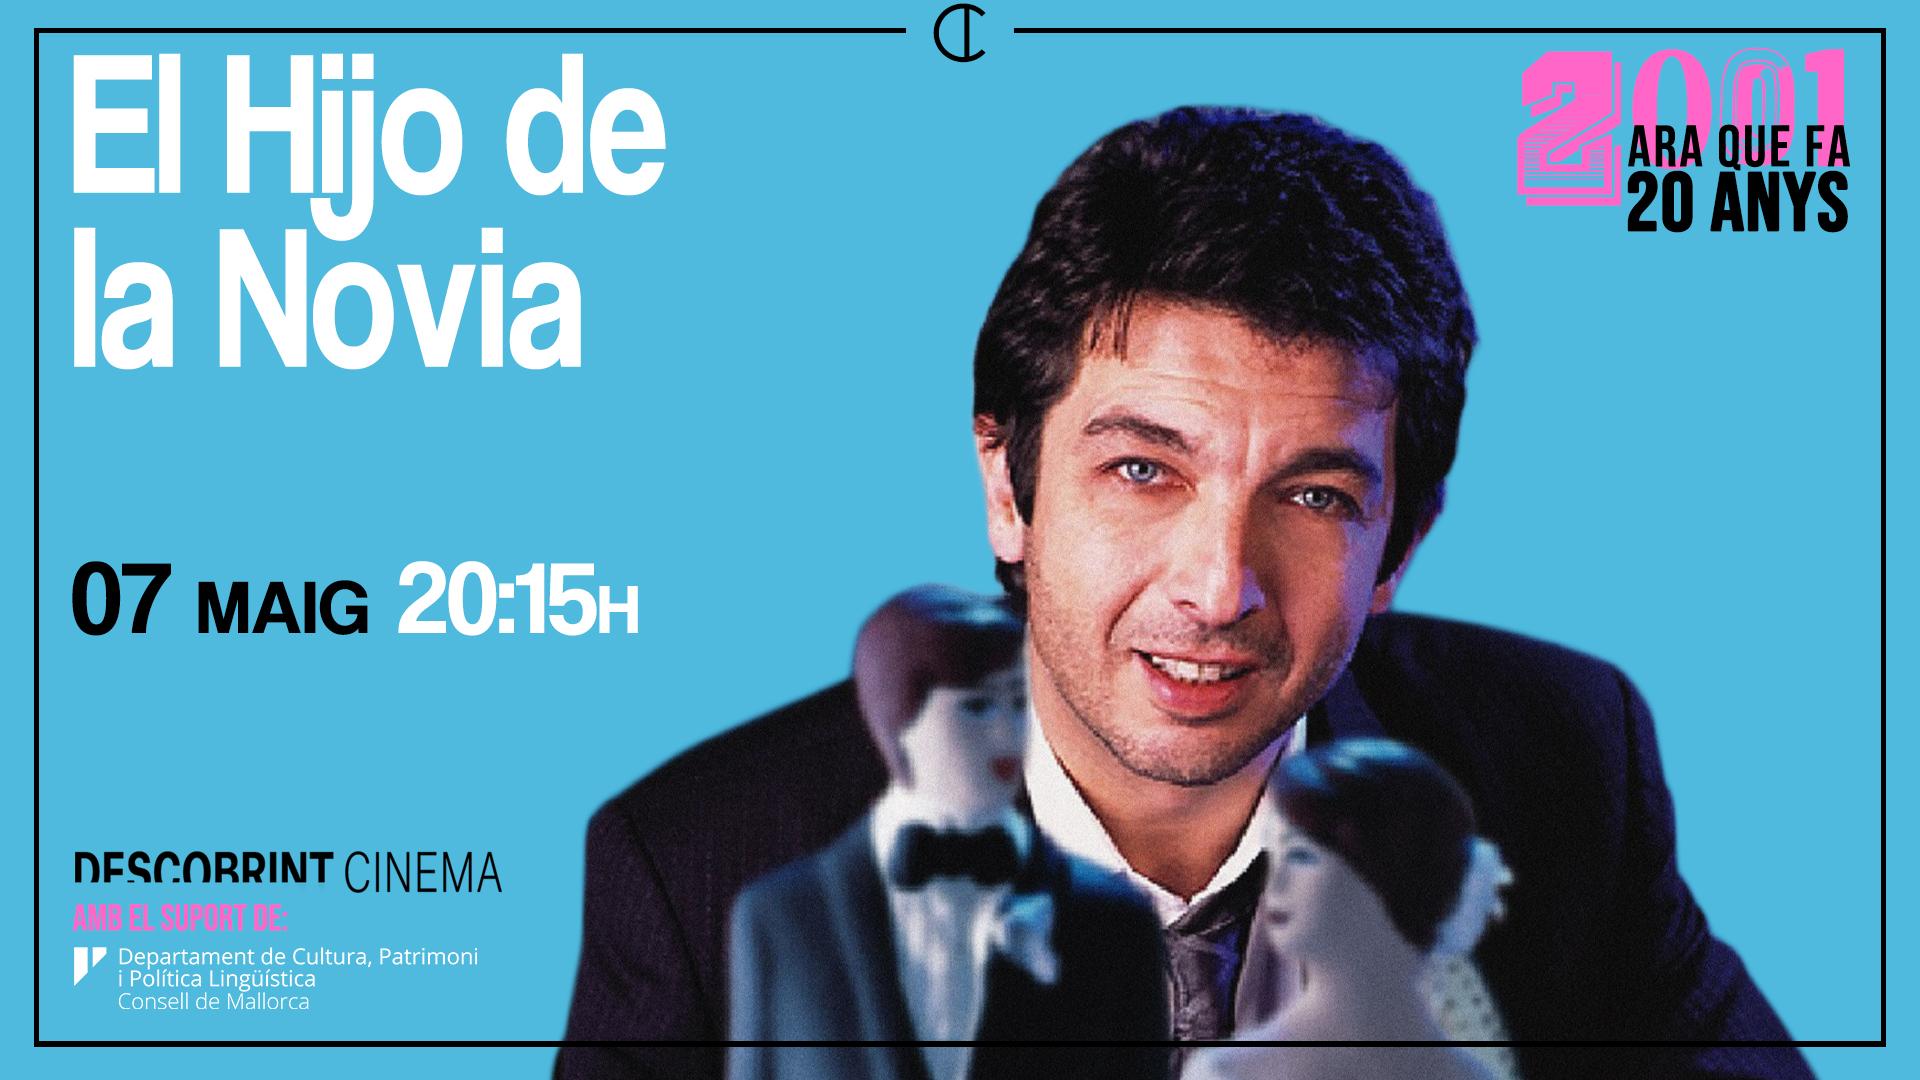 Poster_AraQueFa20Anys_ElhijodeLaNovia_Screen_v1.jpeg